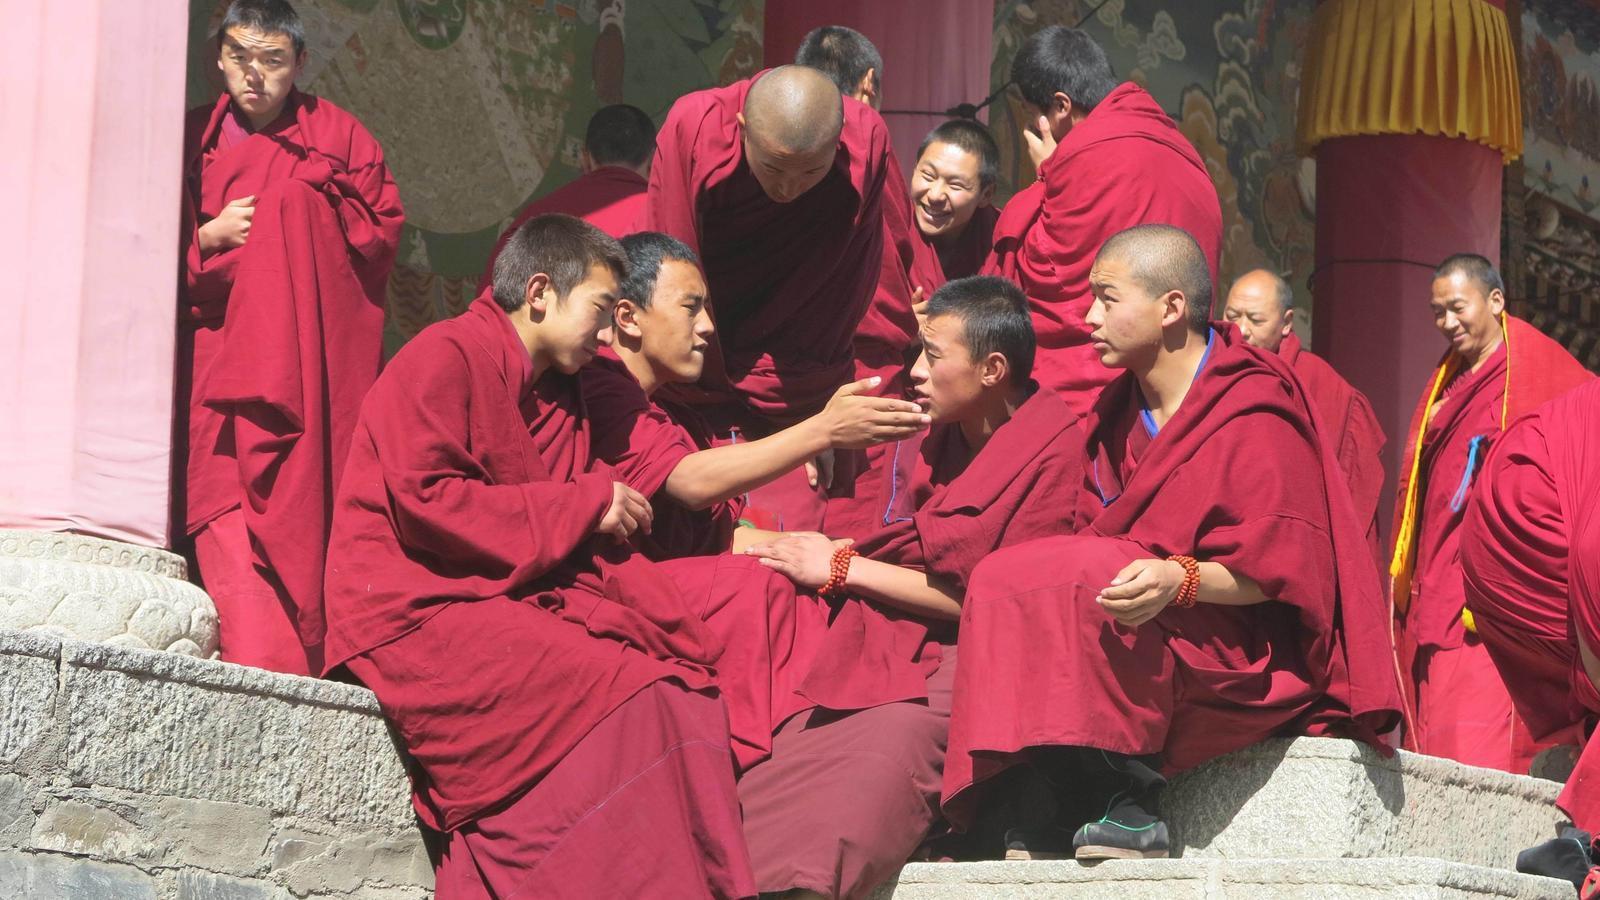 Monjos debatent a la porta del temple principal del monestir de Labrang. / Xavier Moret